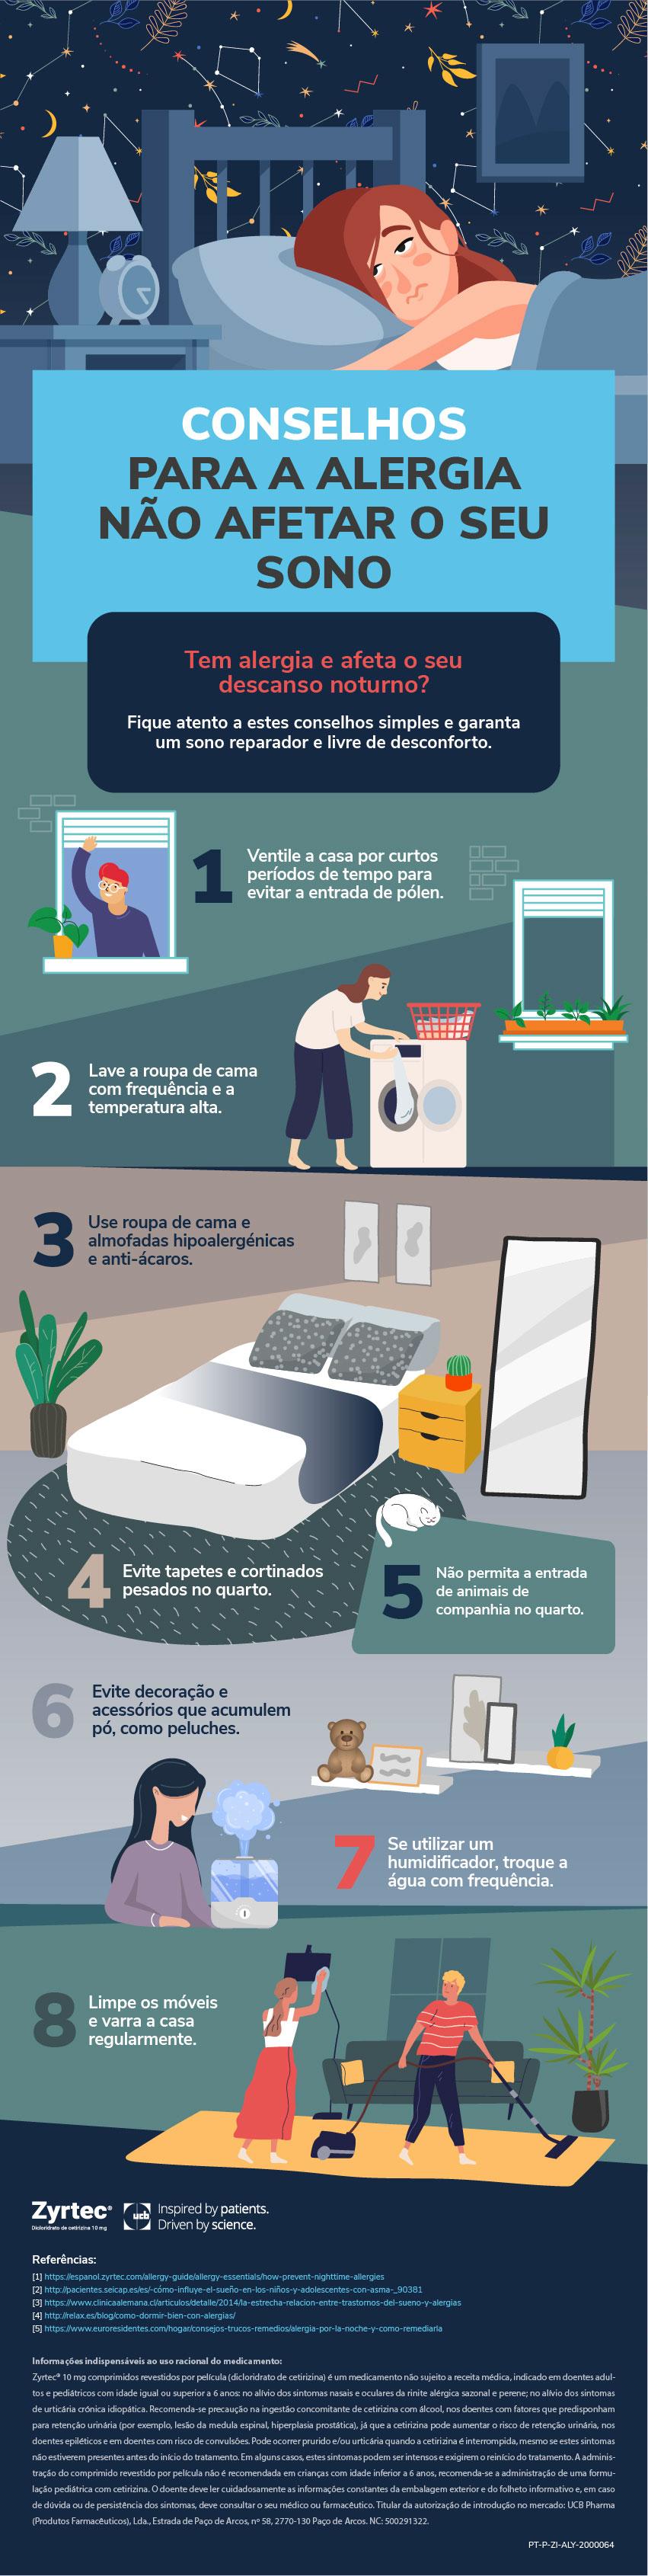 Conselhos para a alergia não afetar o seu sono